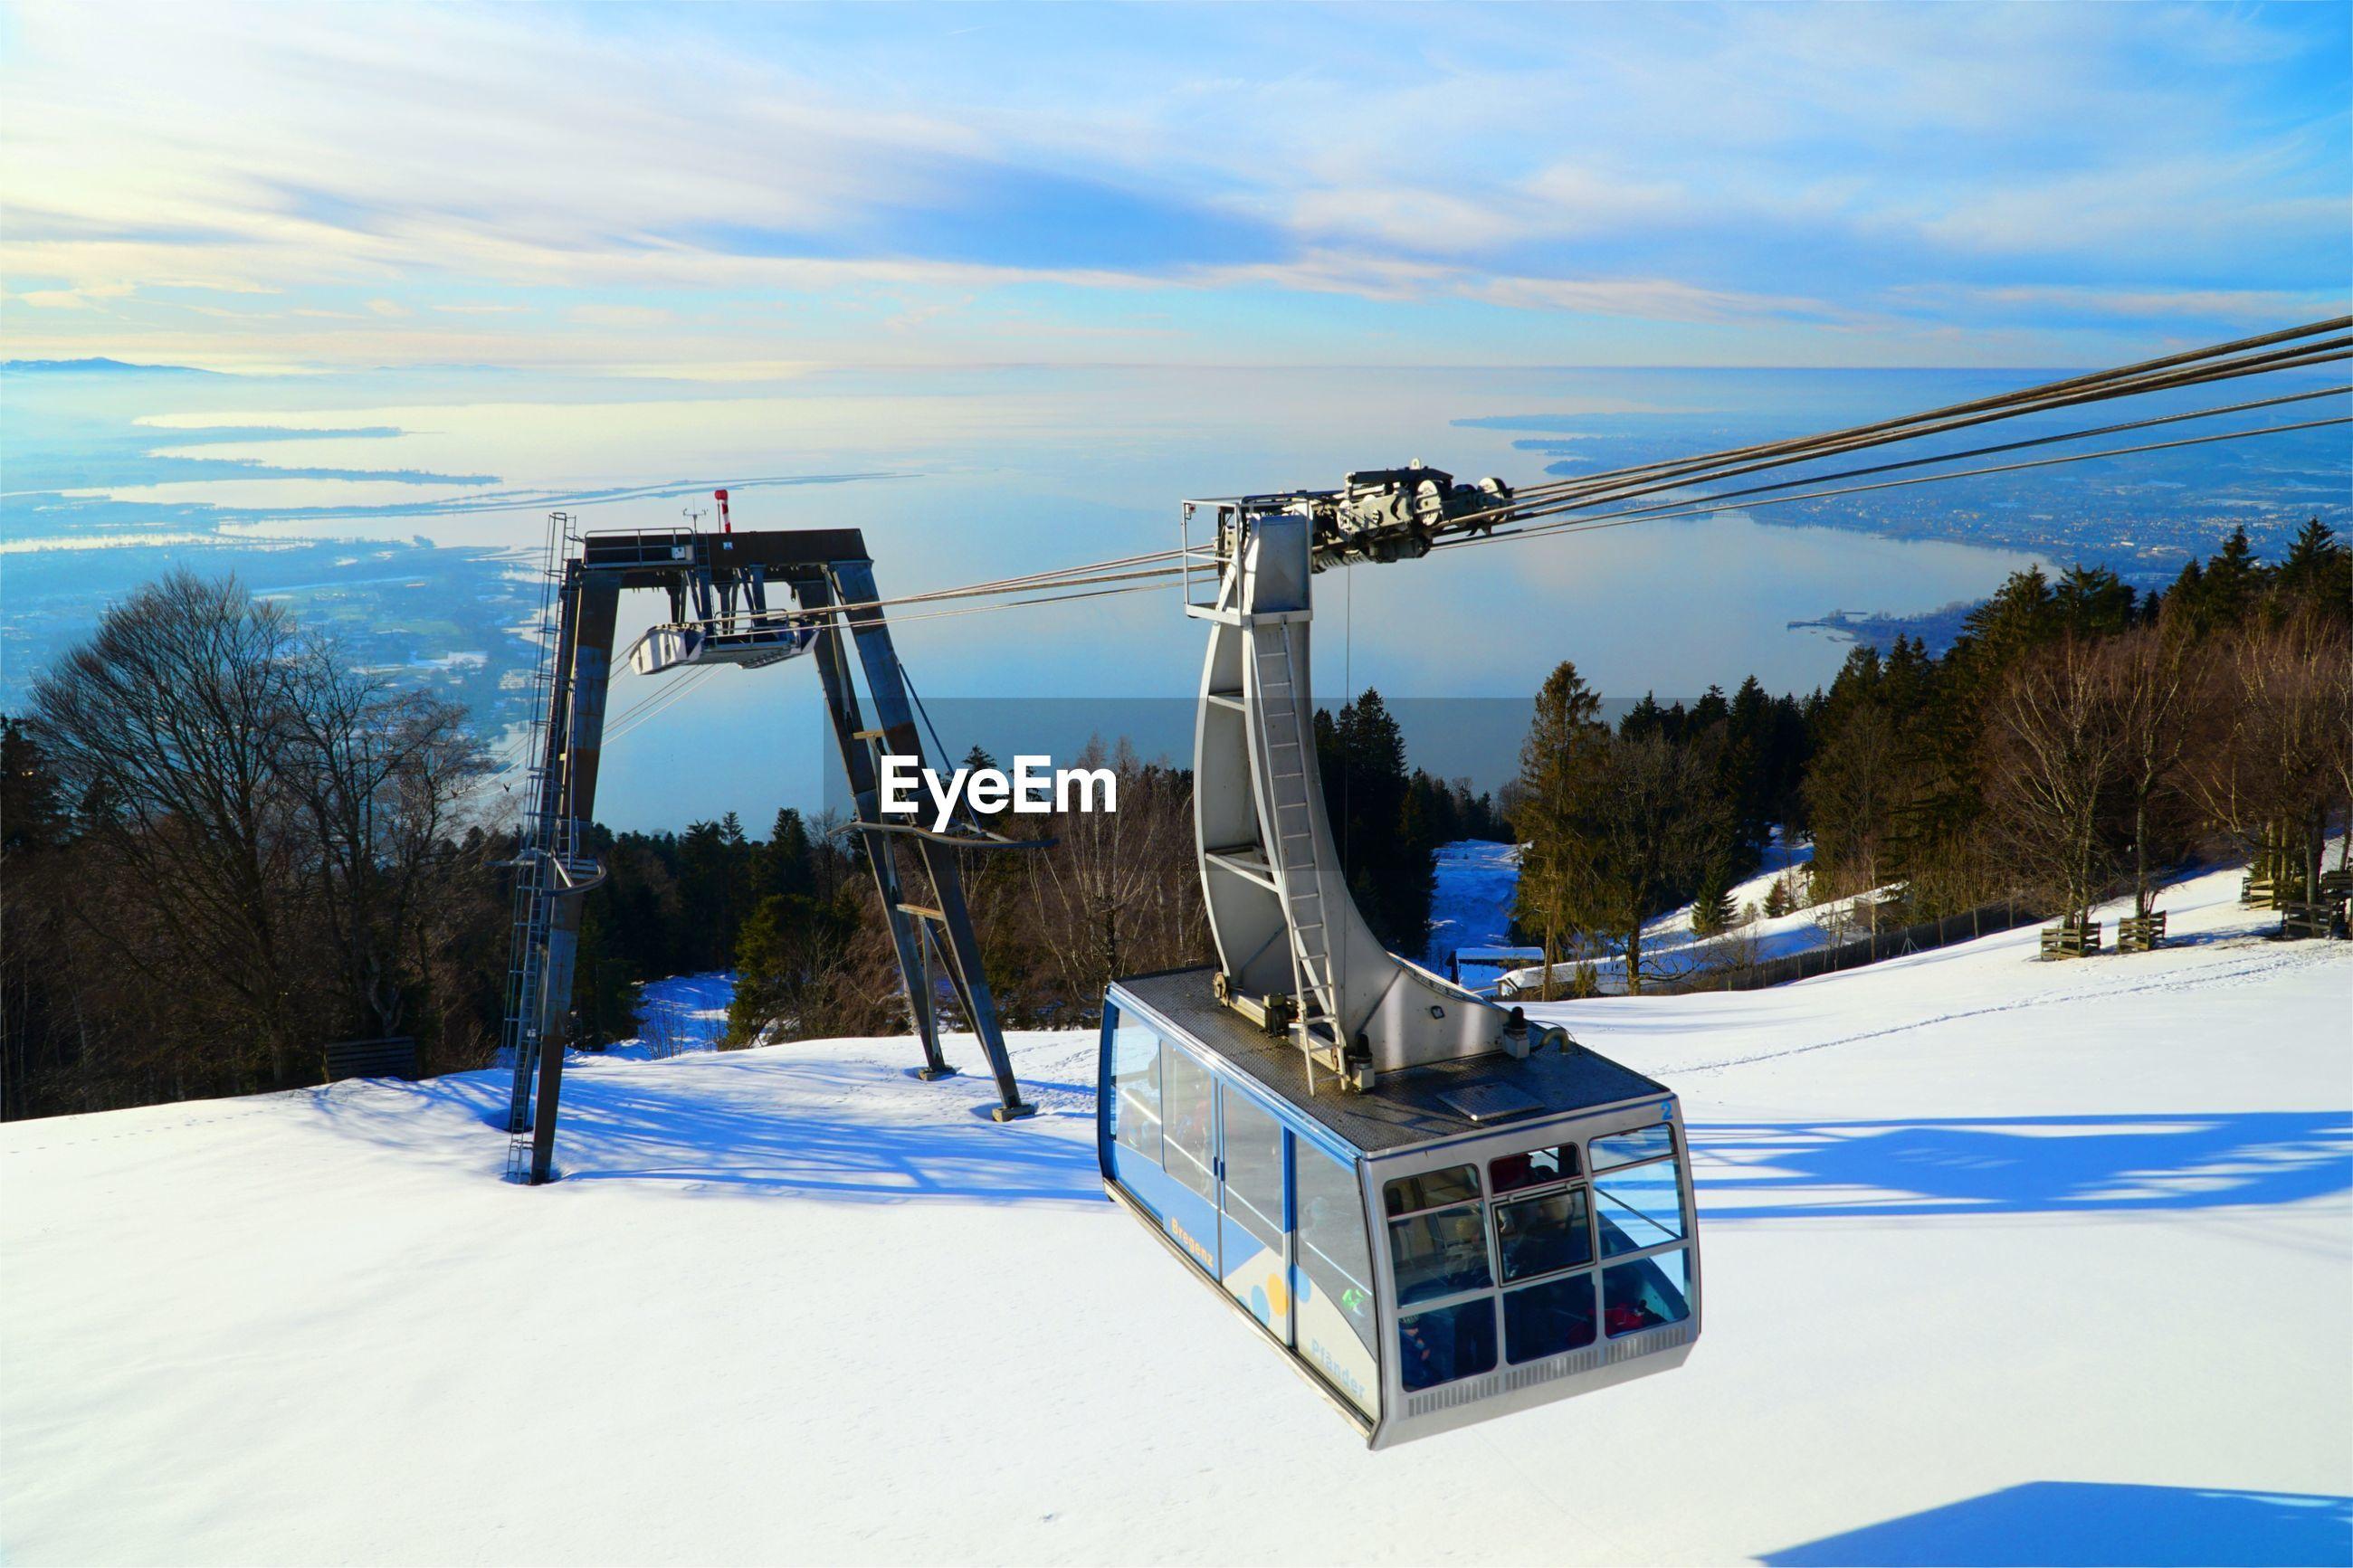 GAZEBO ON SNOW COVERED LAND AGAINST SKY